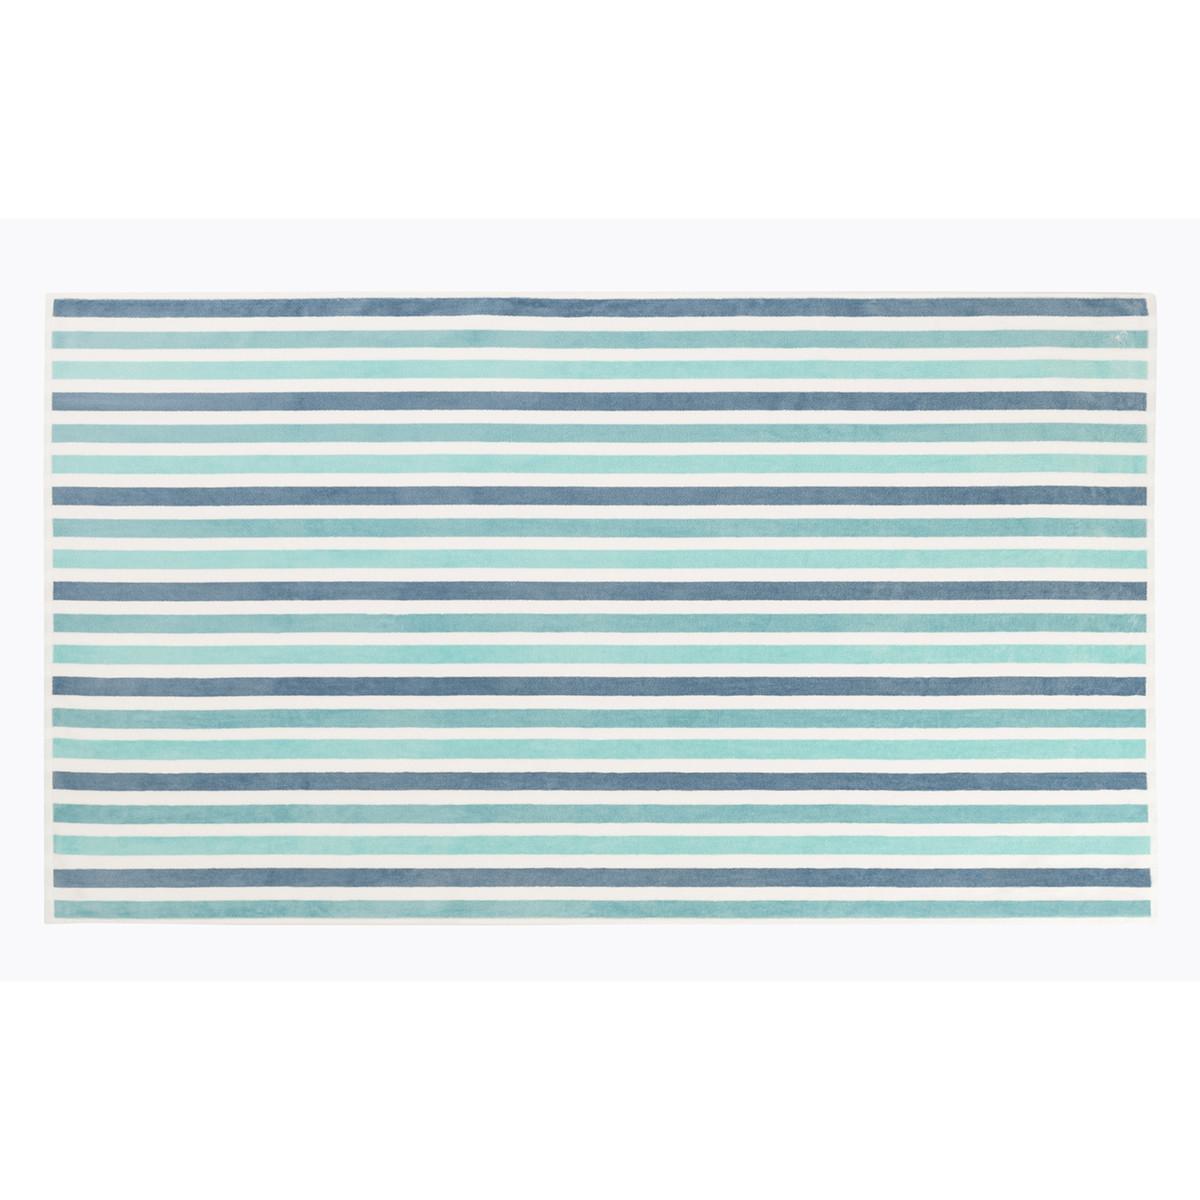 Drap de plage coton 100x170 cm vert clair rayé